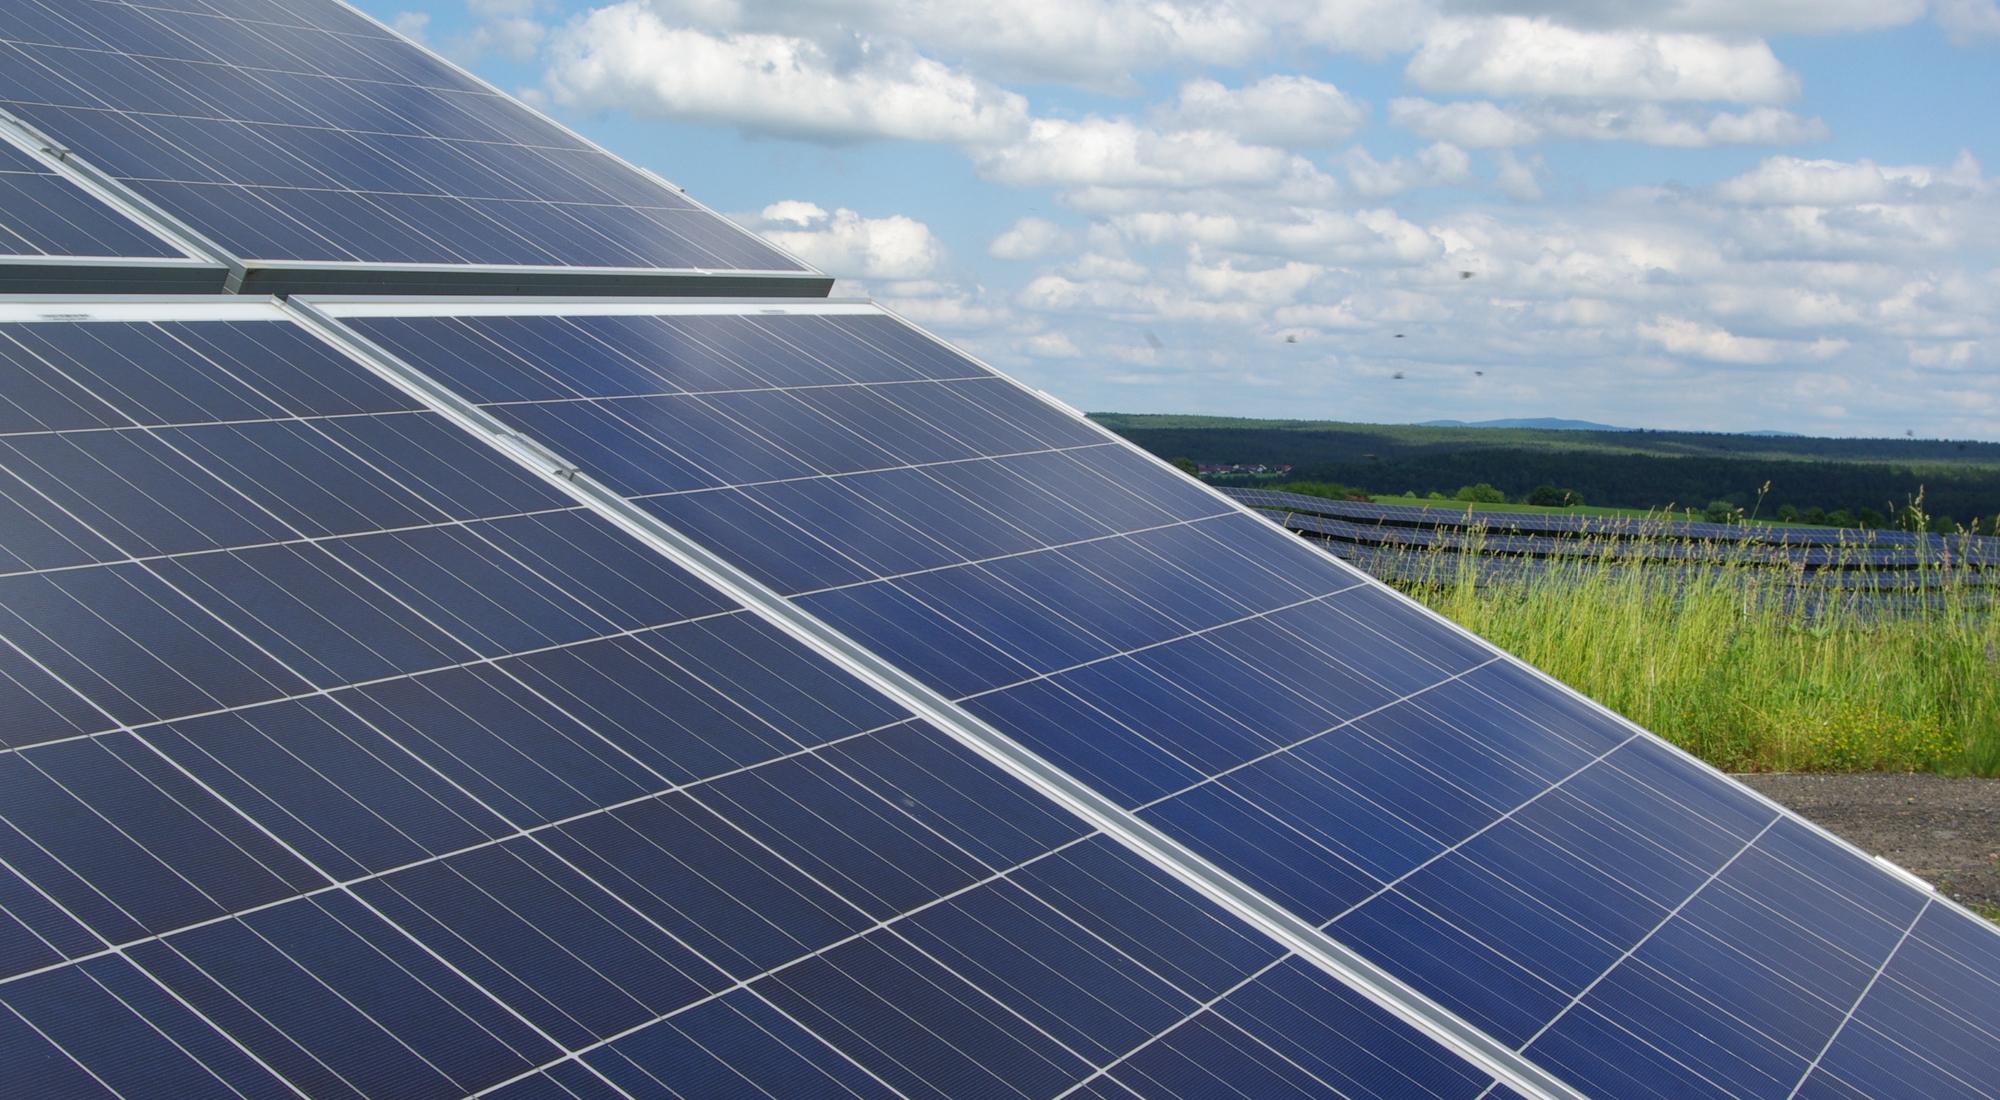 Studie des Fraunhofer ISE: Stromerzeugung mittels Erneuerbaren Energien wird immer günstiger